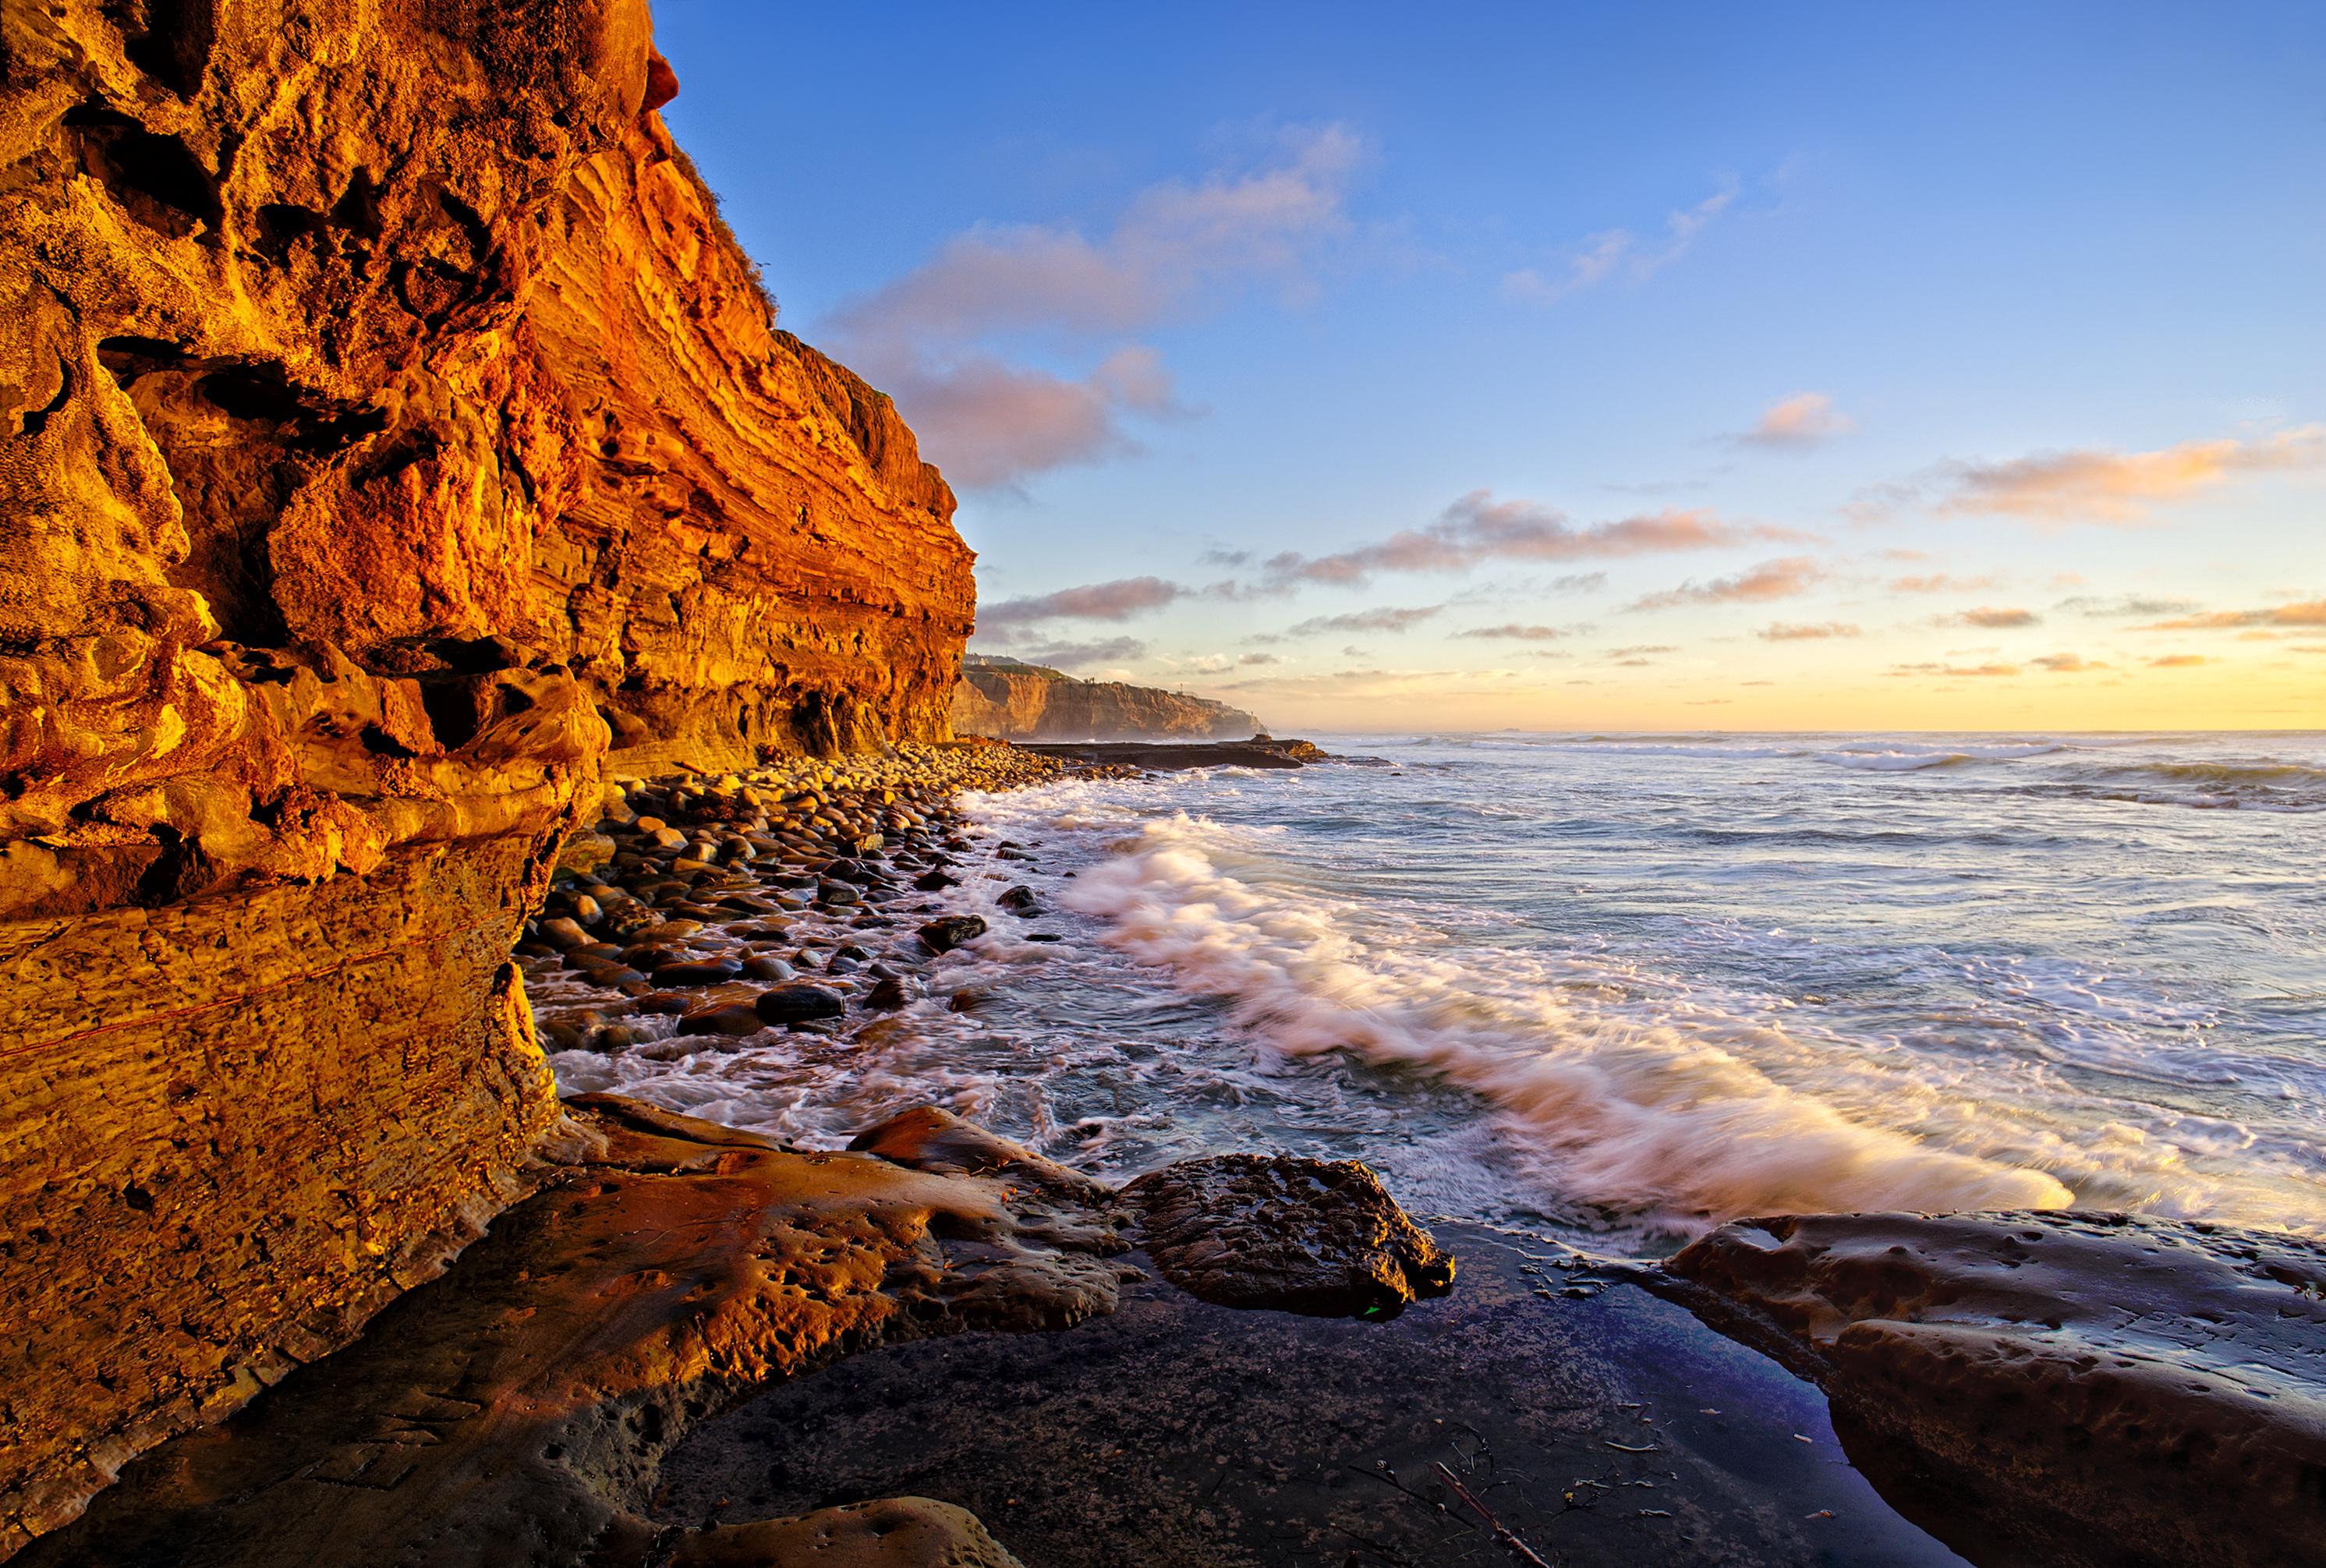 Wallpaper Cliff Sunset Sunsetcliffs Sandiego Tidepool 2983x2011 813465 Hd Wallpapers Wallhere